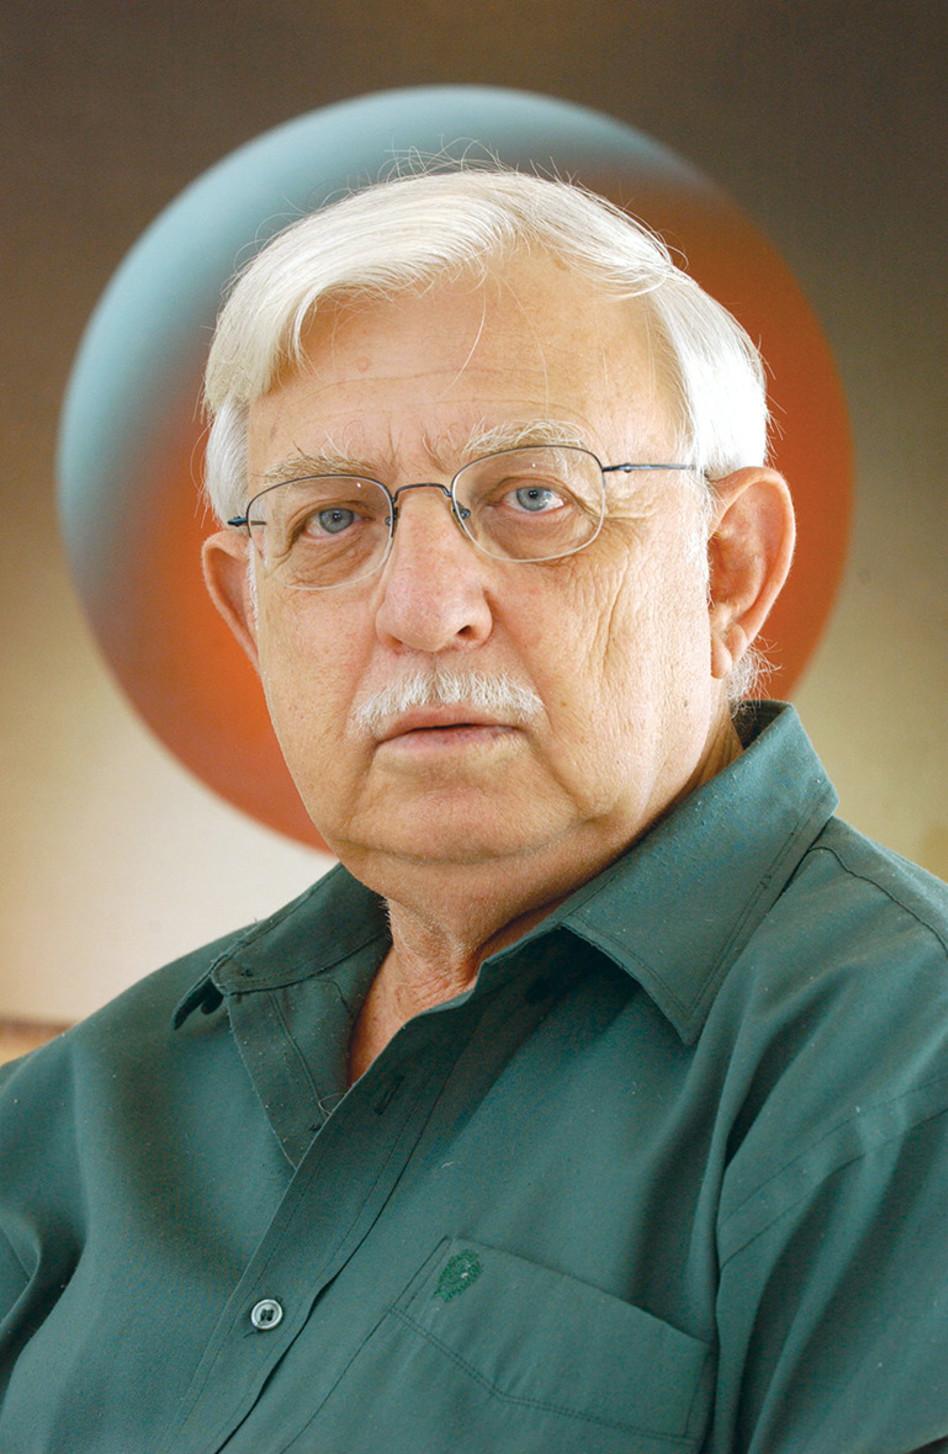 עמוס אטינגר (צילום: ראובן קסטרו)